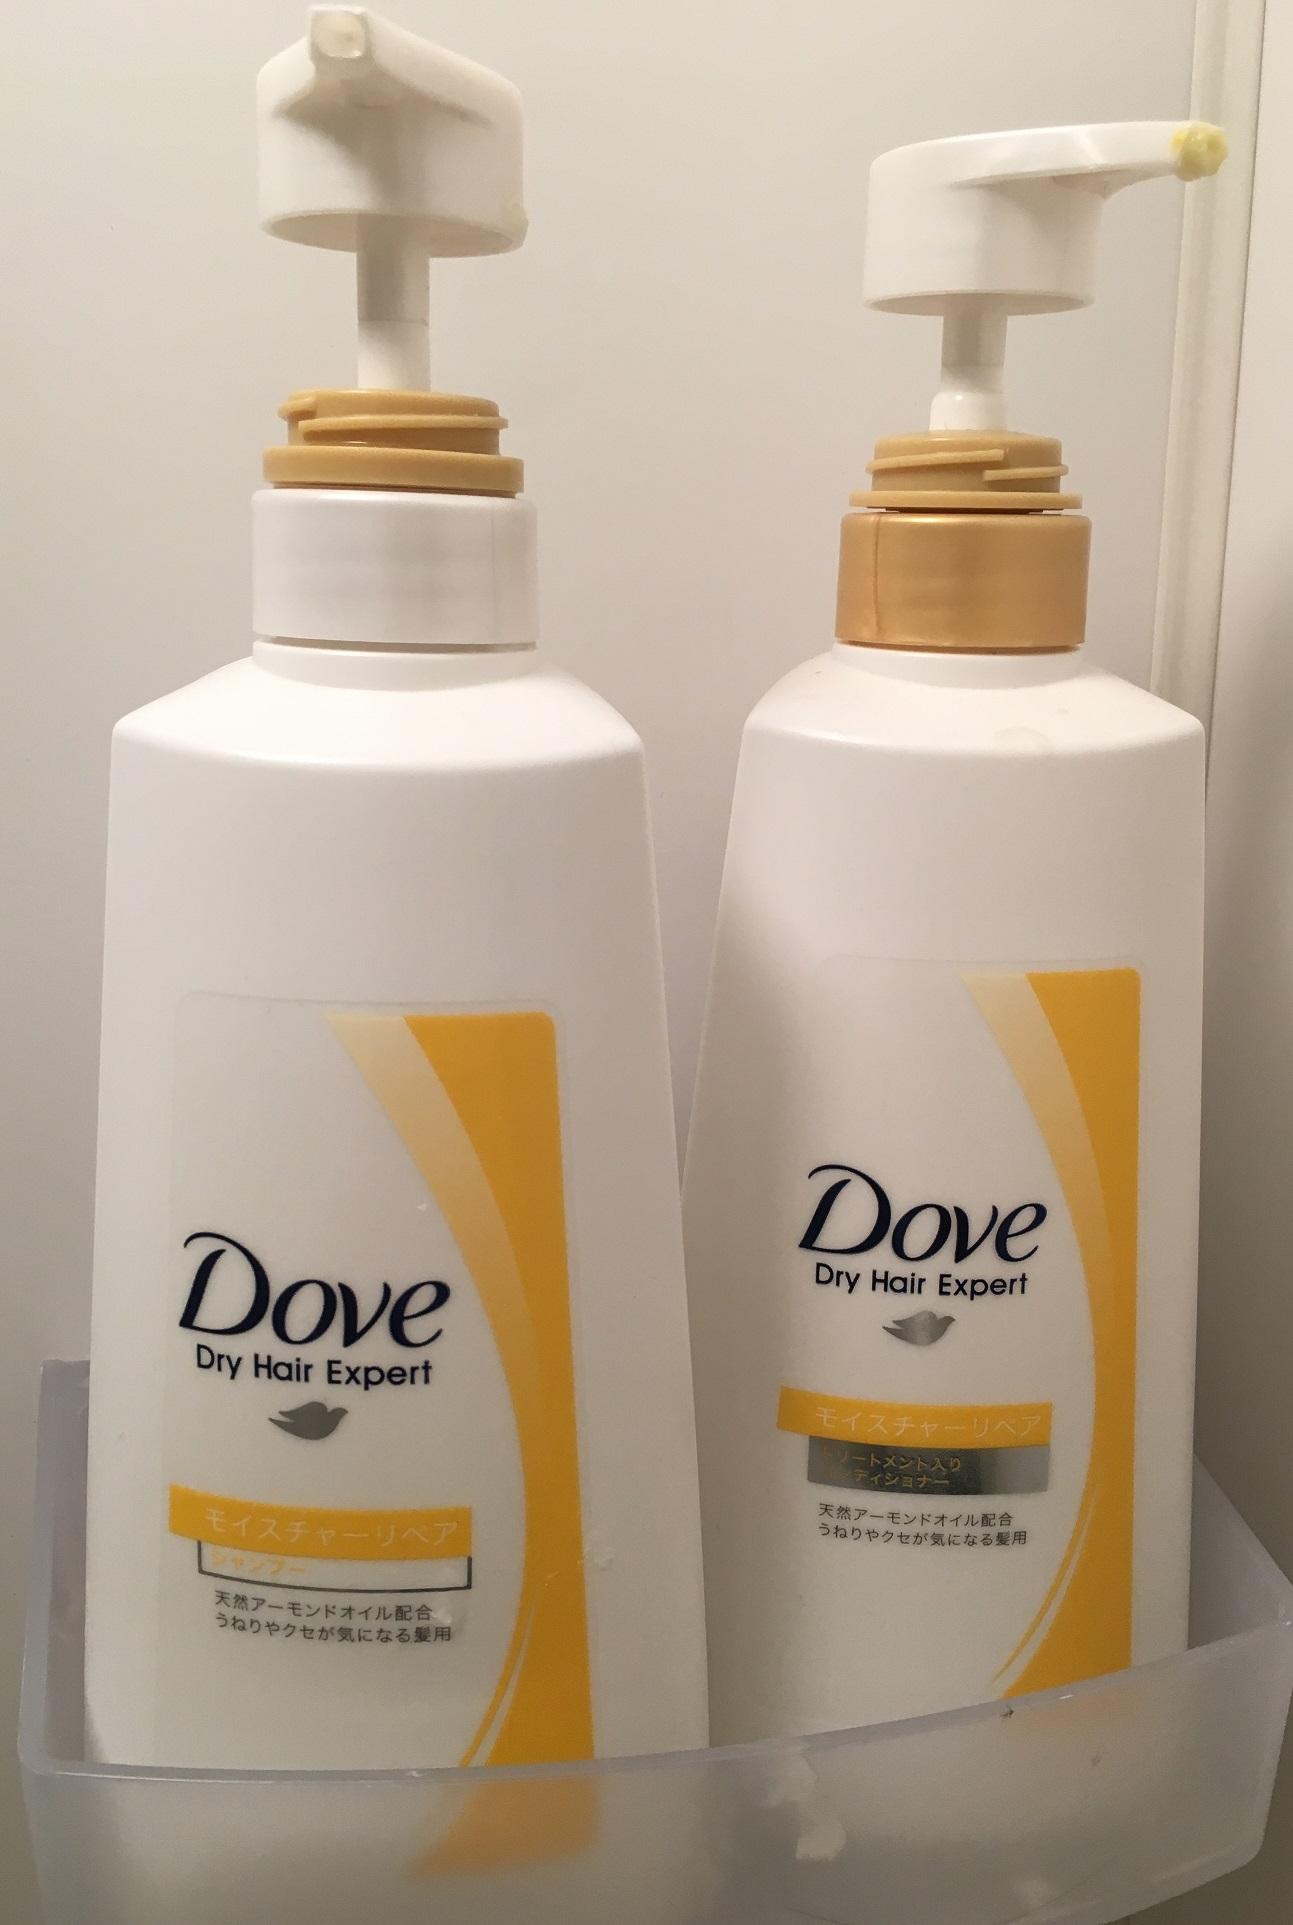 シャンプー&トリートメント:DOVE ~Dry Hair Expert~